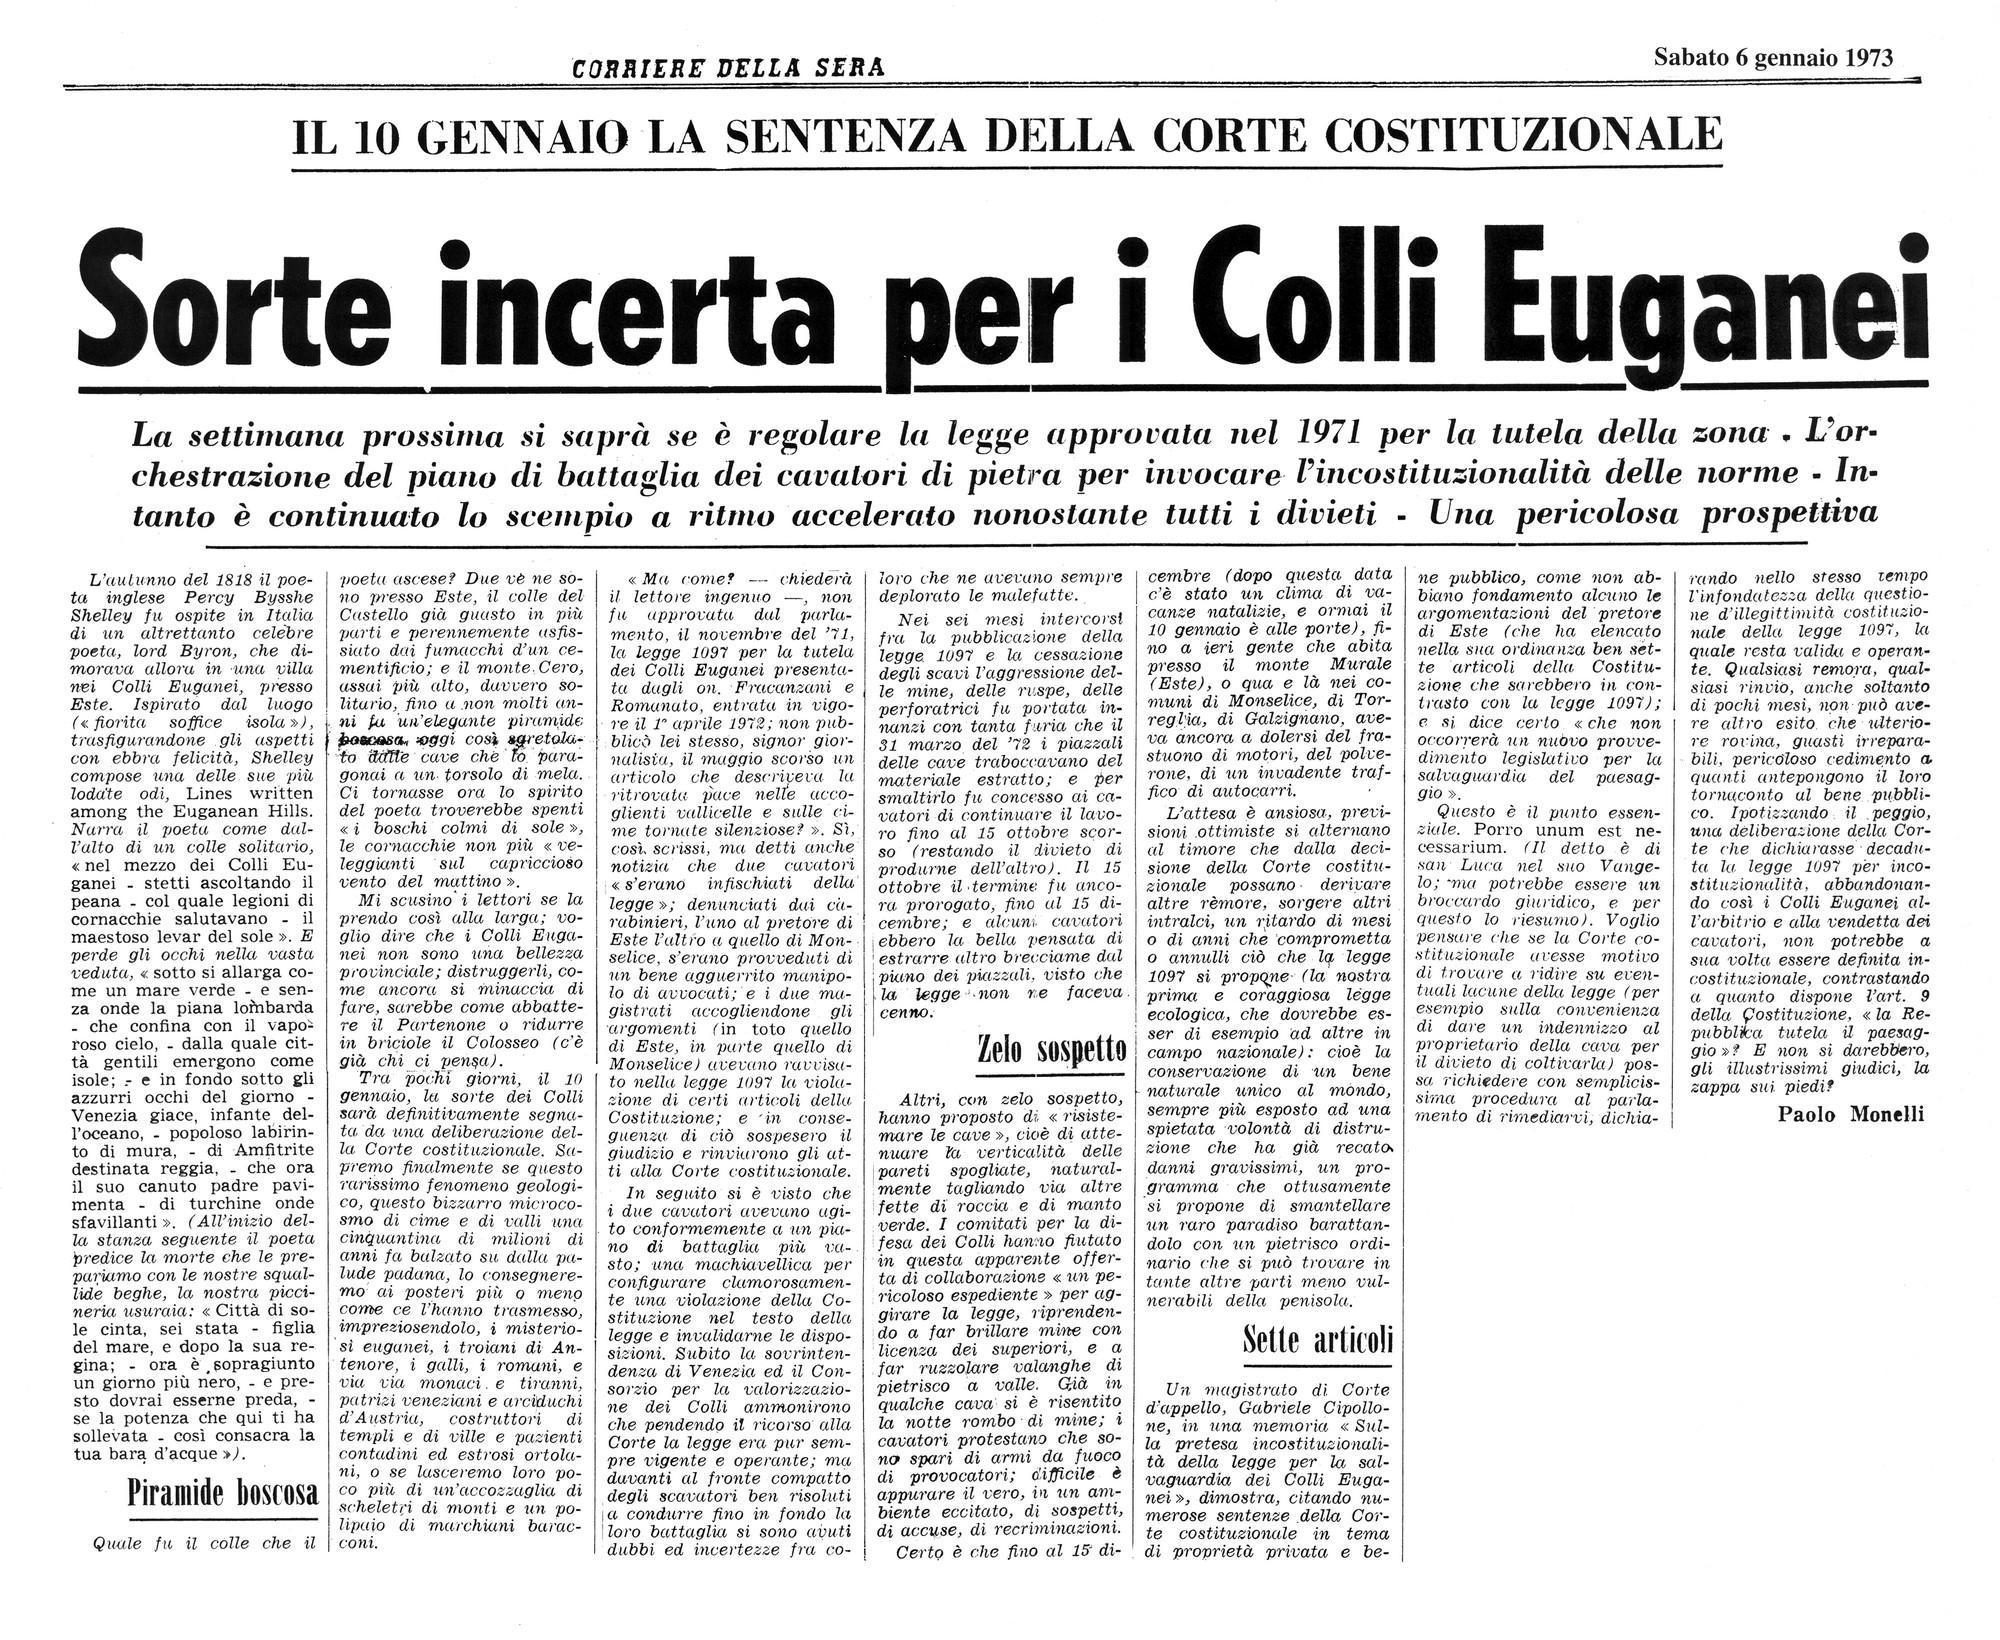 Sorte incerta per i Colli Euganei. Articolo del 6 gennaio 1971.